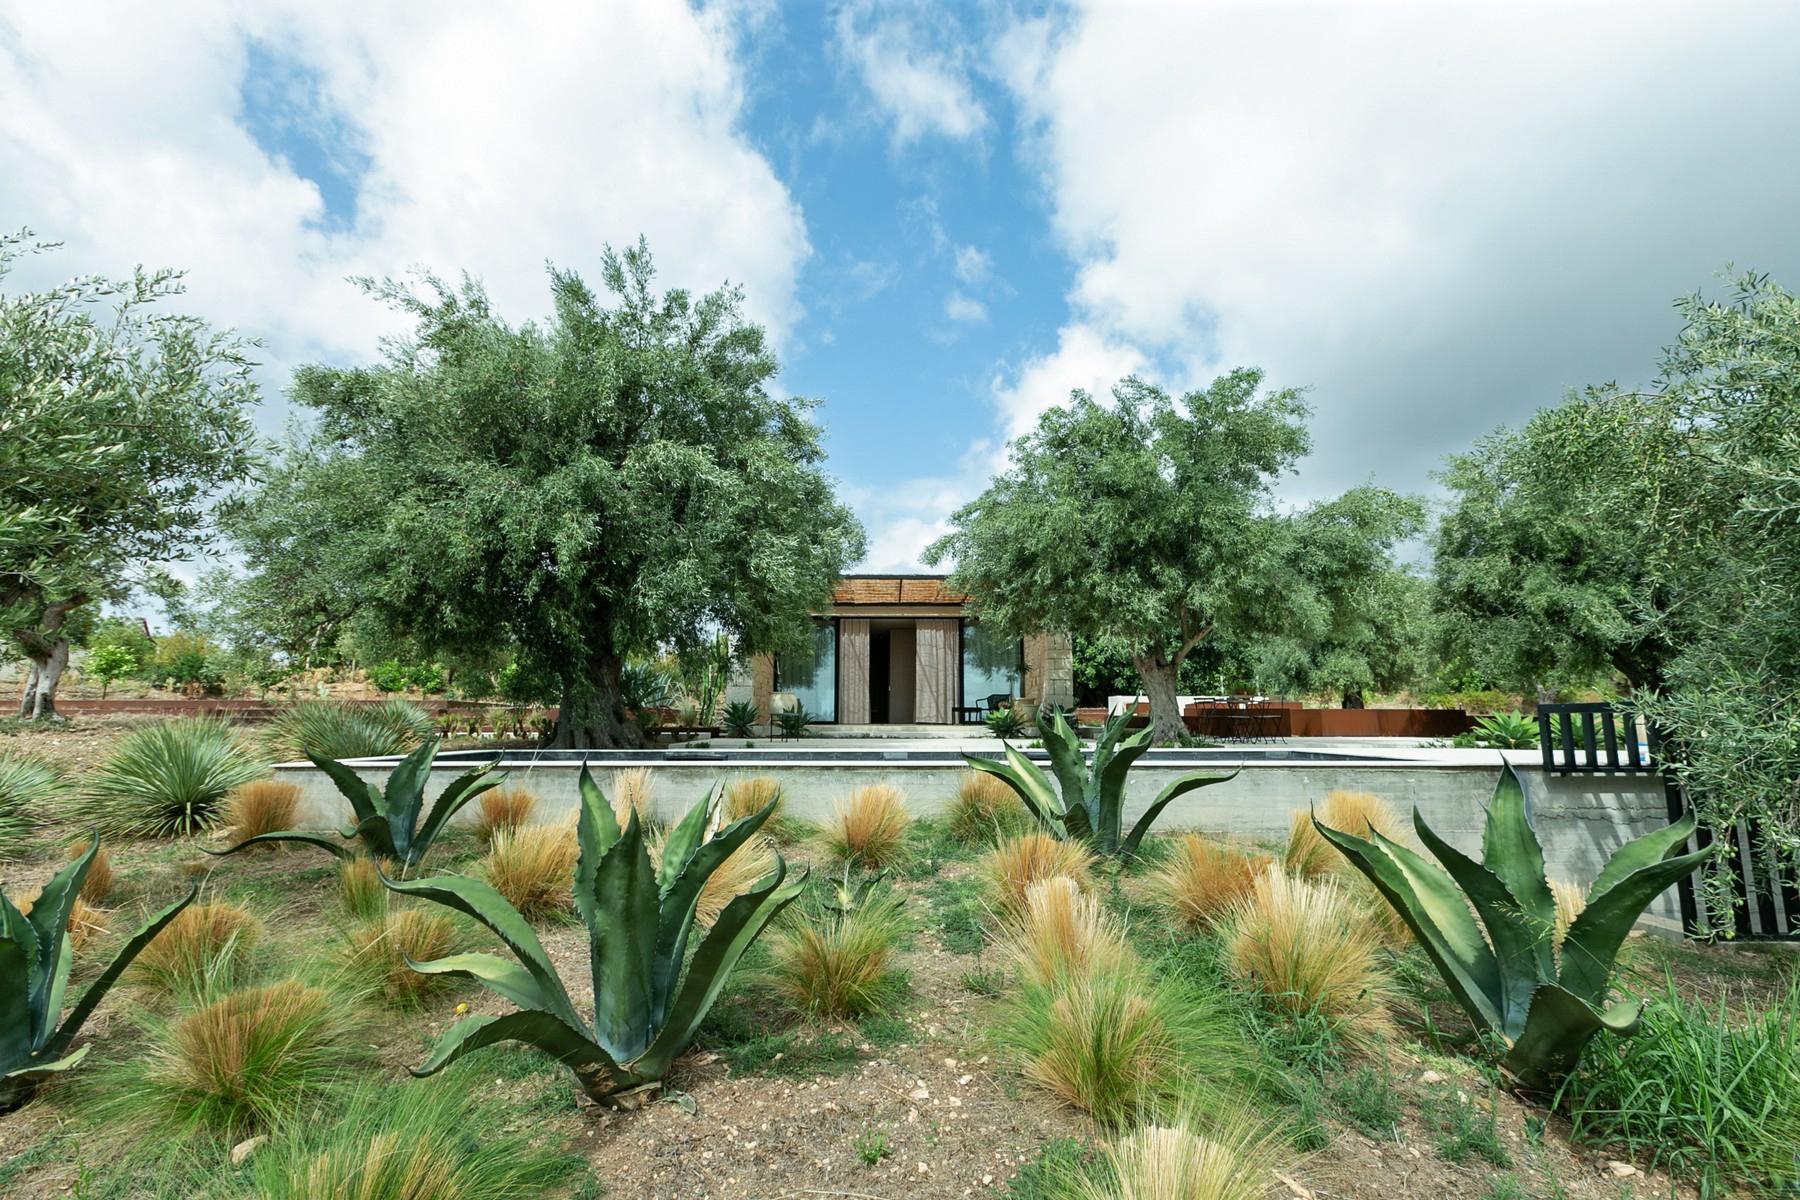 拥有游泳池和附属建筑当代设计的别墅 - 24